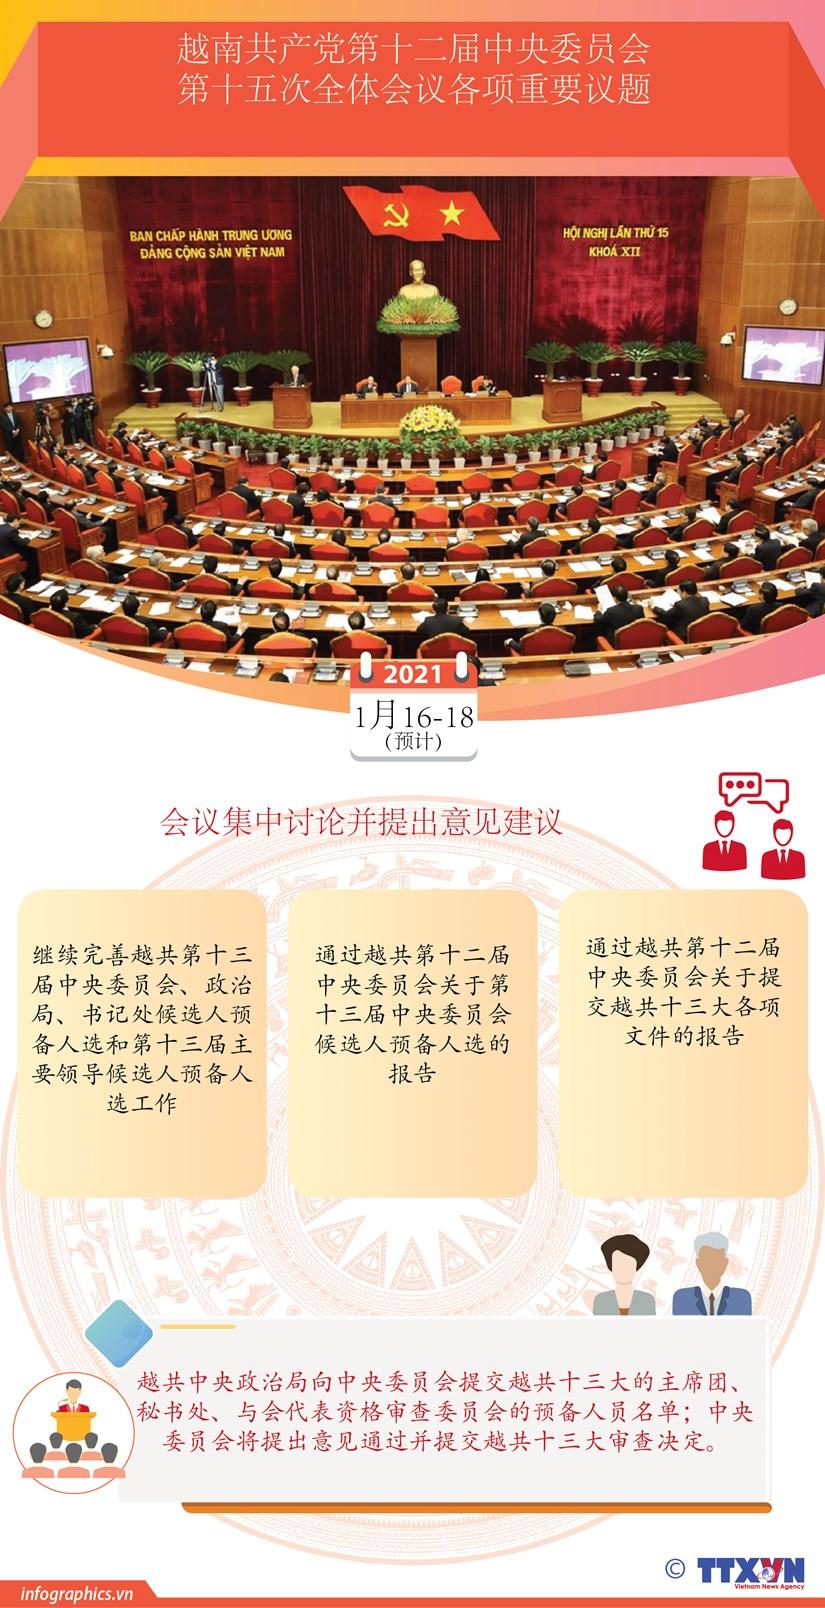 图表新闻:越南共产党第十二届中央委员会第十五次全体会议各项重要议题 hinh anh 1